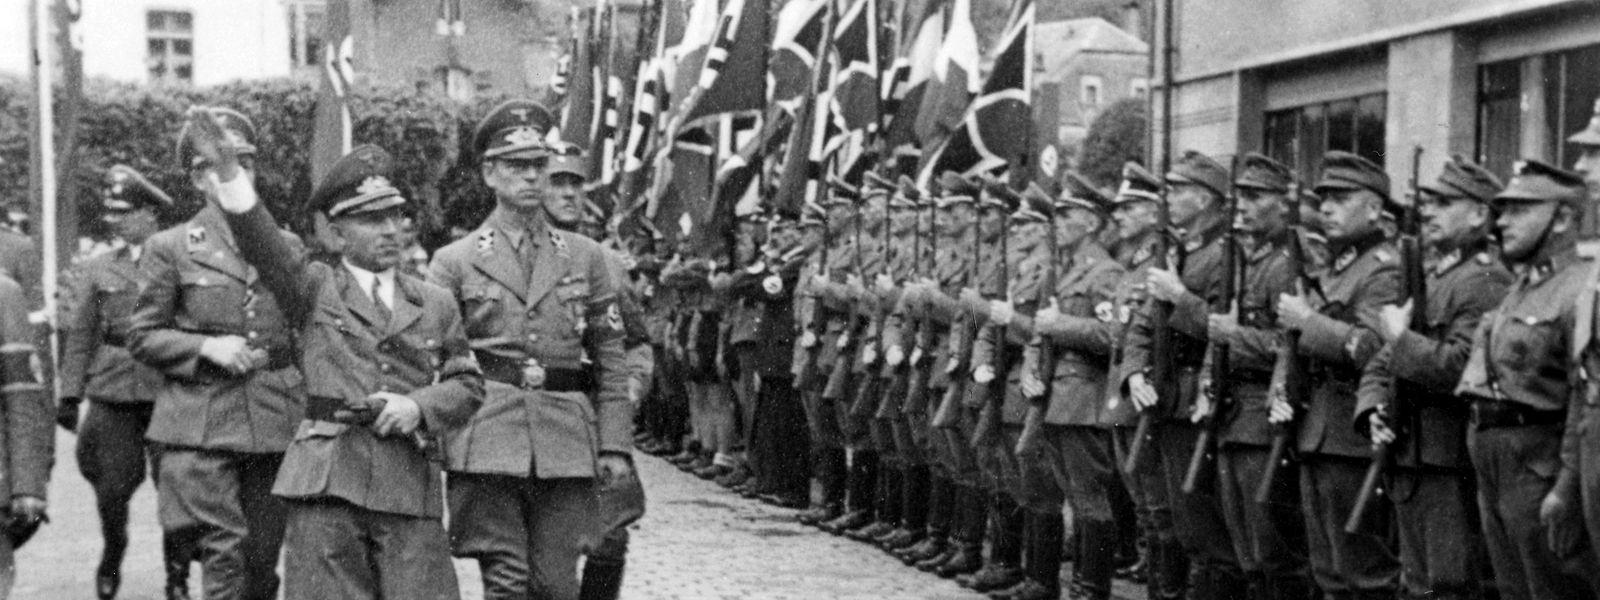 Gustav Simon - hier bei einem Aufmarsch von NS-Truppen -  entzieht sich nach Ende des Krieges der Verantwortung und begeht Selbstmord.